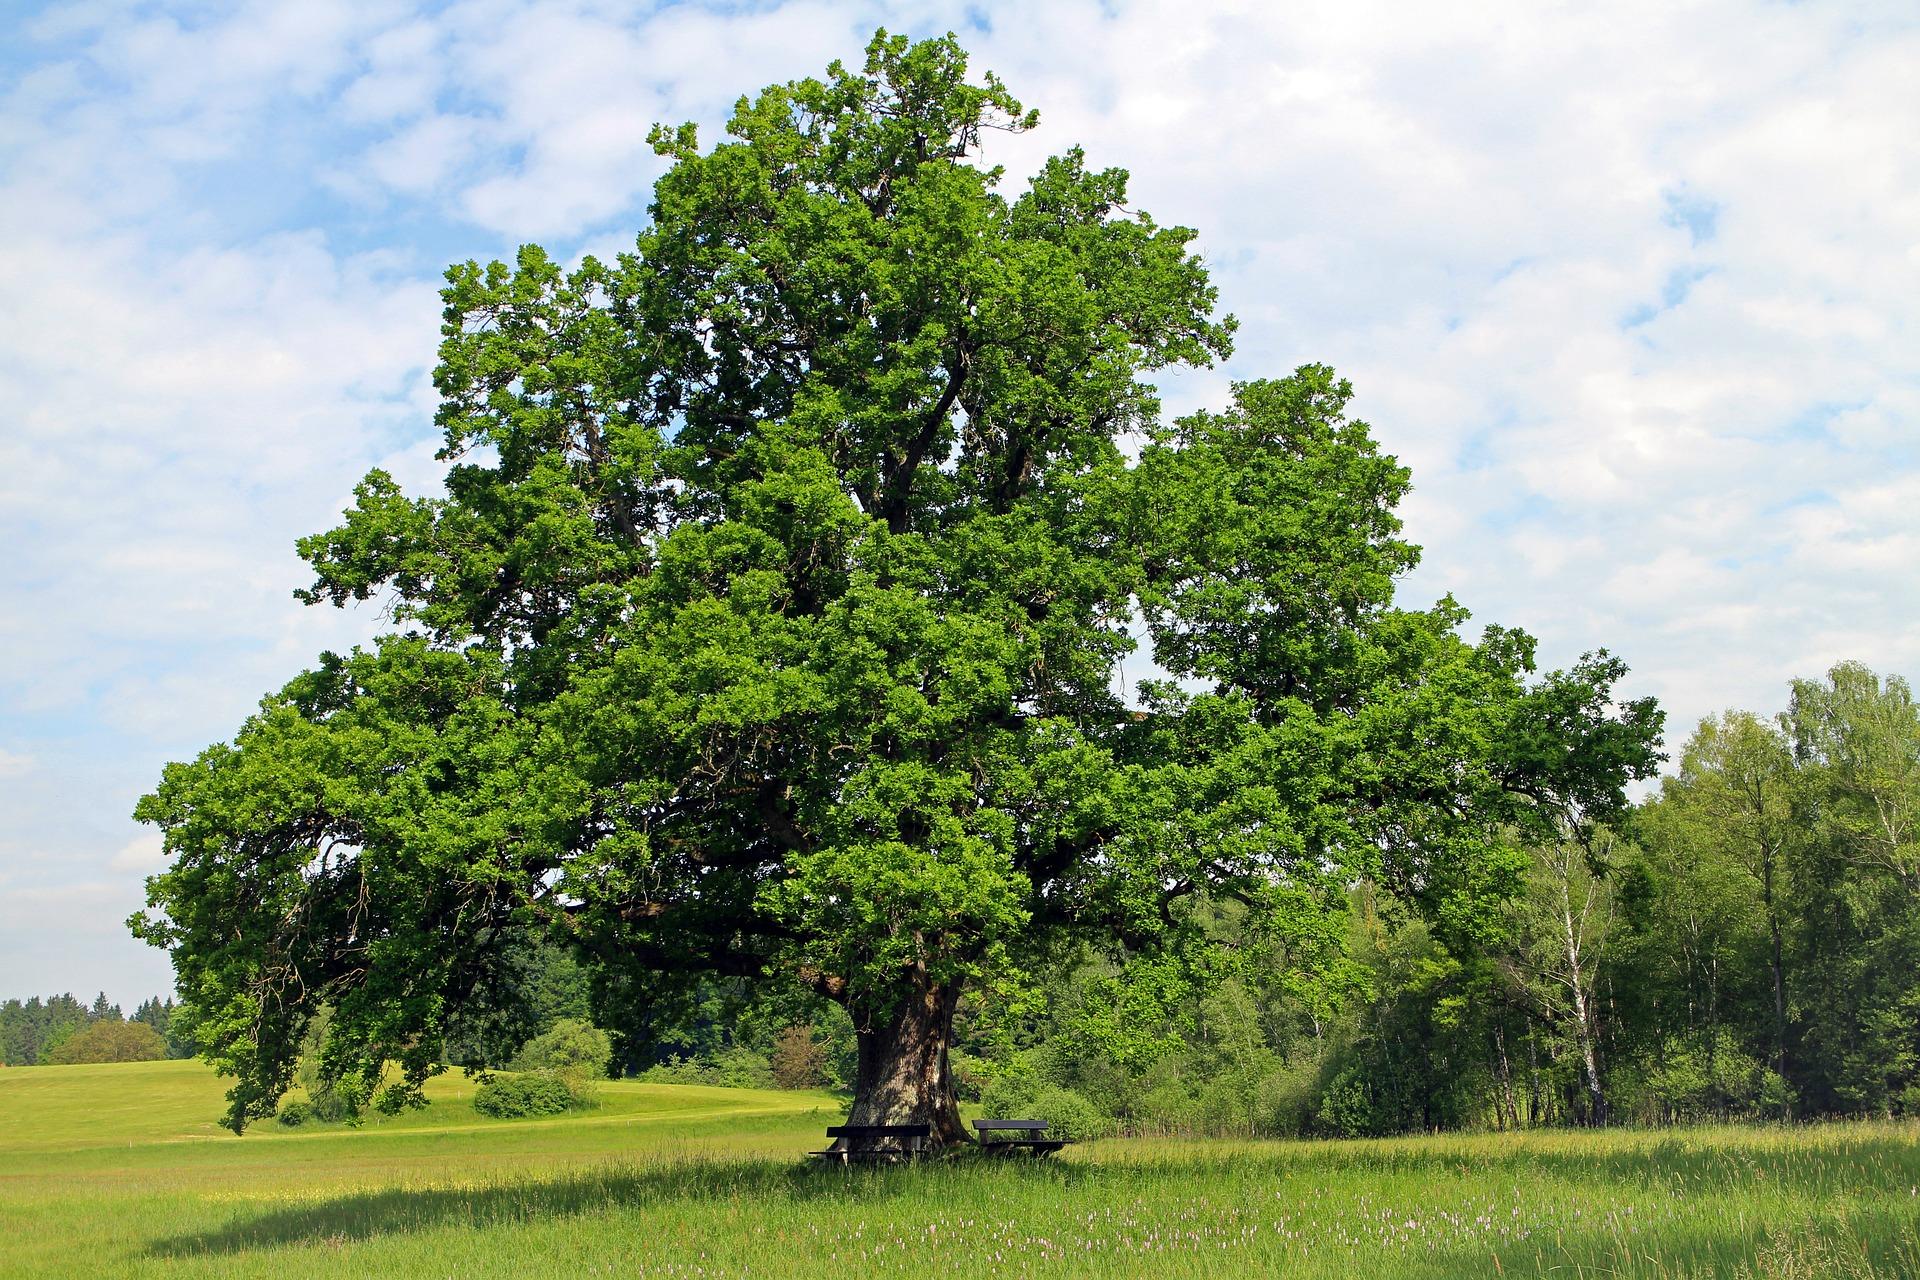 Le Chêne pour vous enraciner profondément